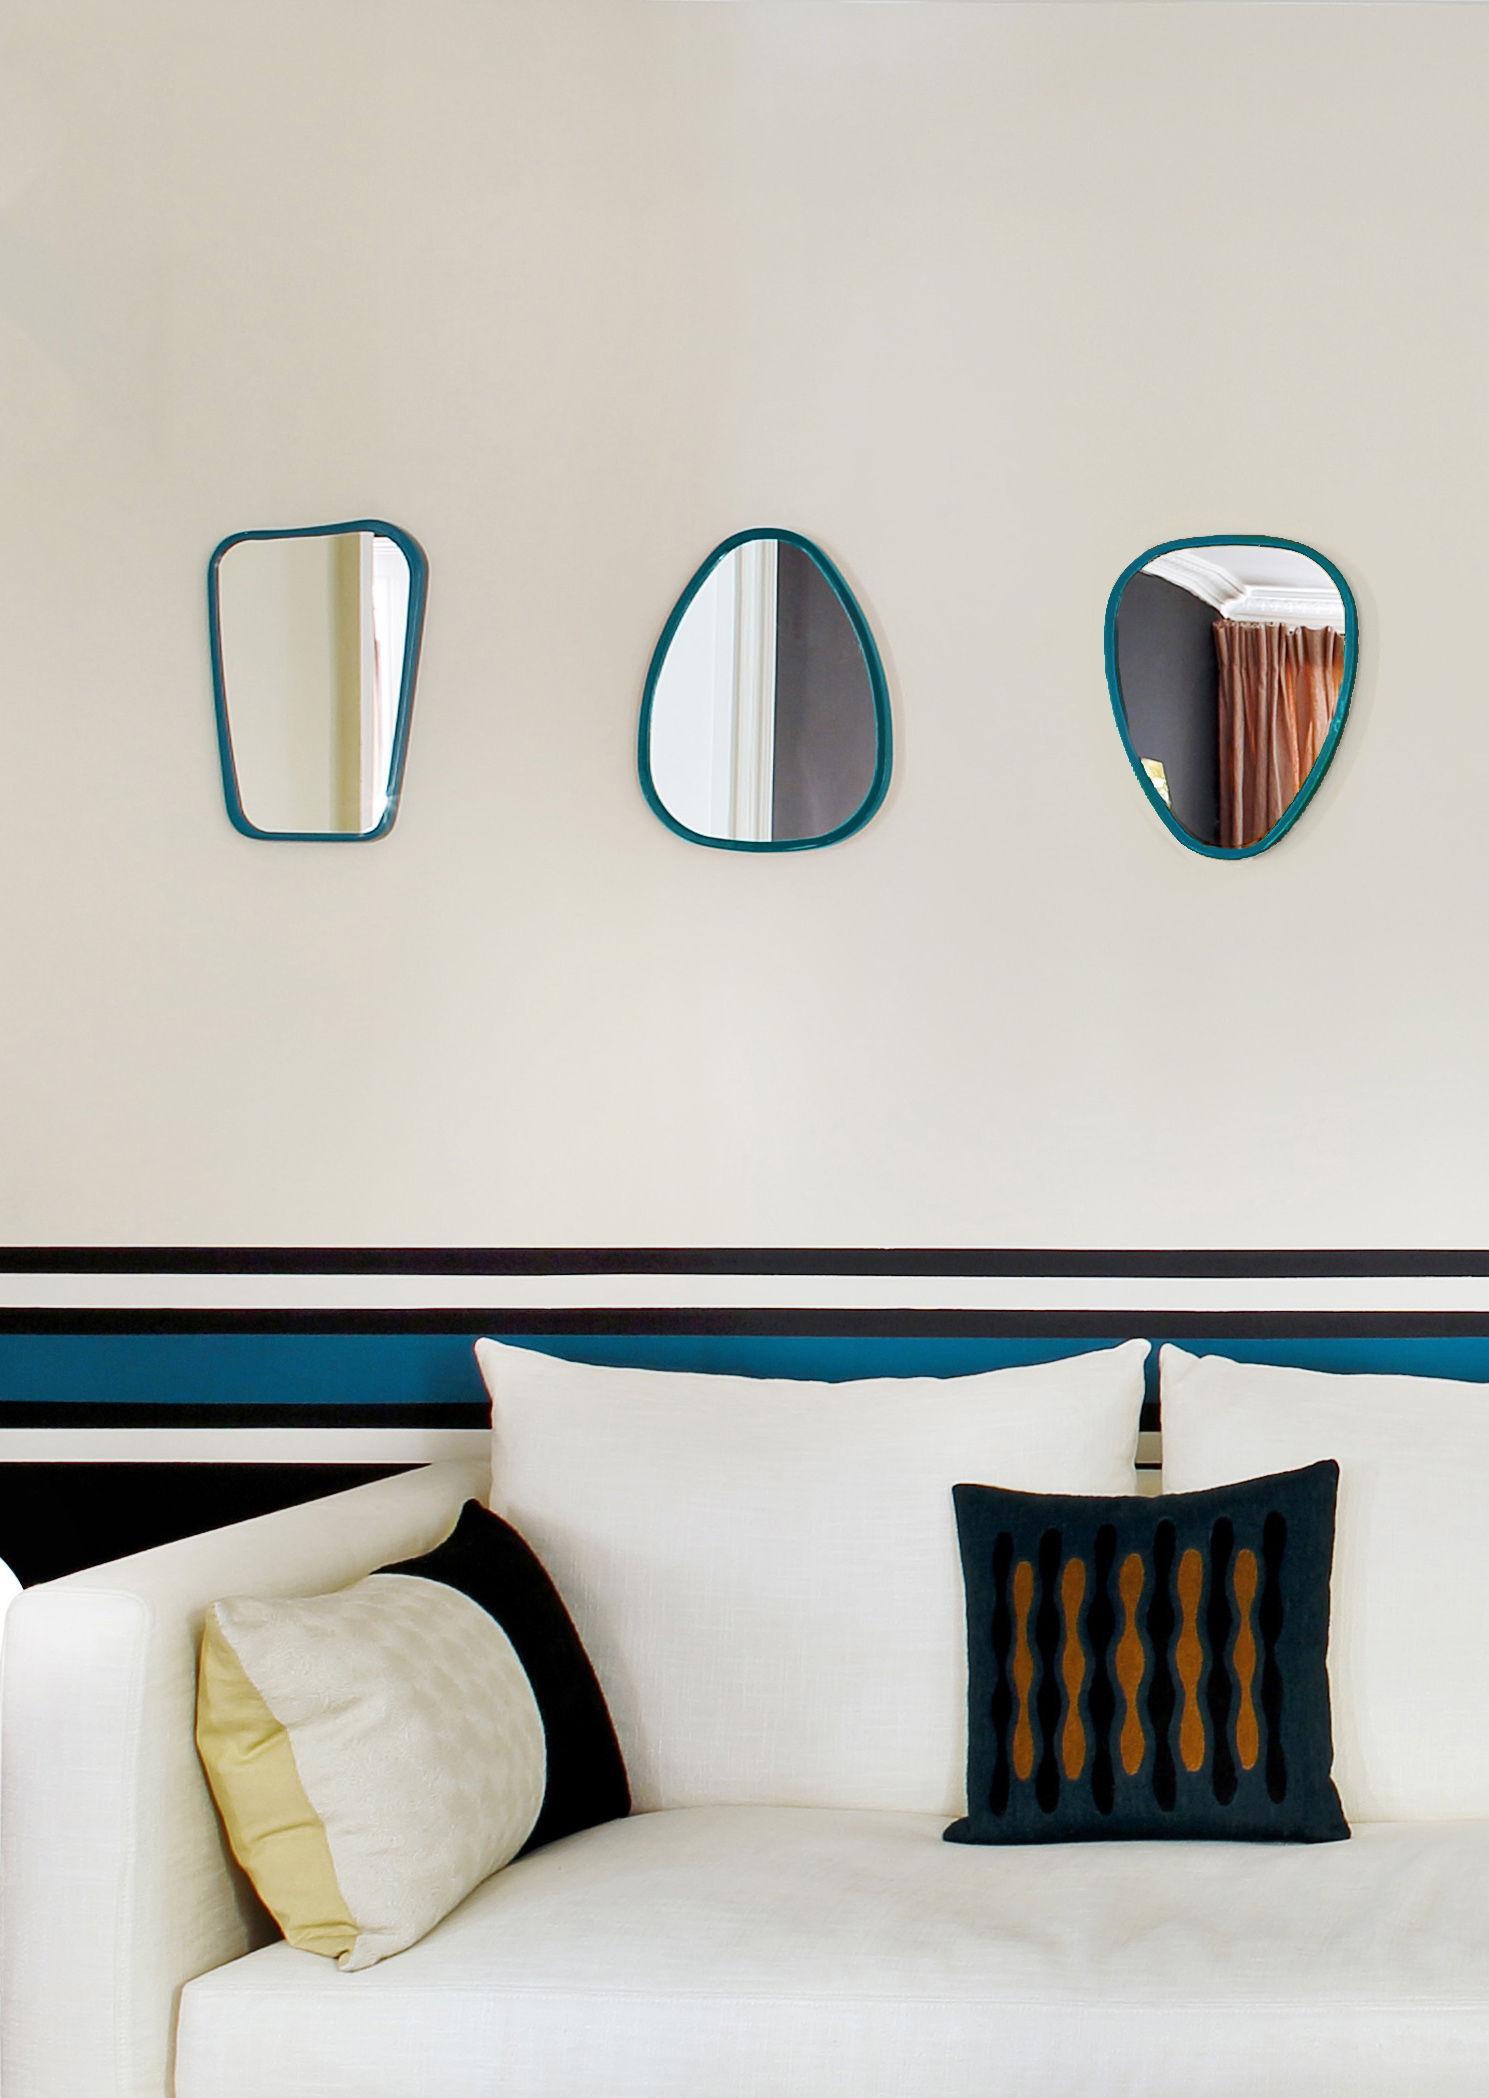 Miroir mini me organique 35 x 23 4 cm bleu vintage - Miroir sarah lavoine ...